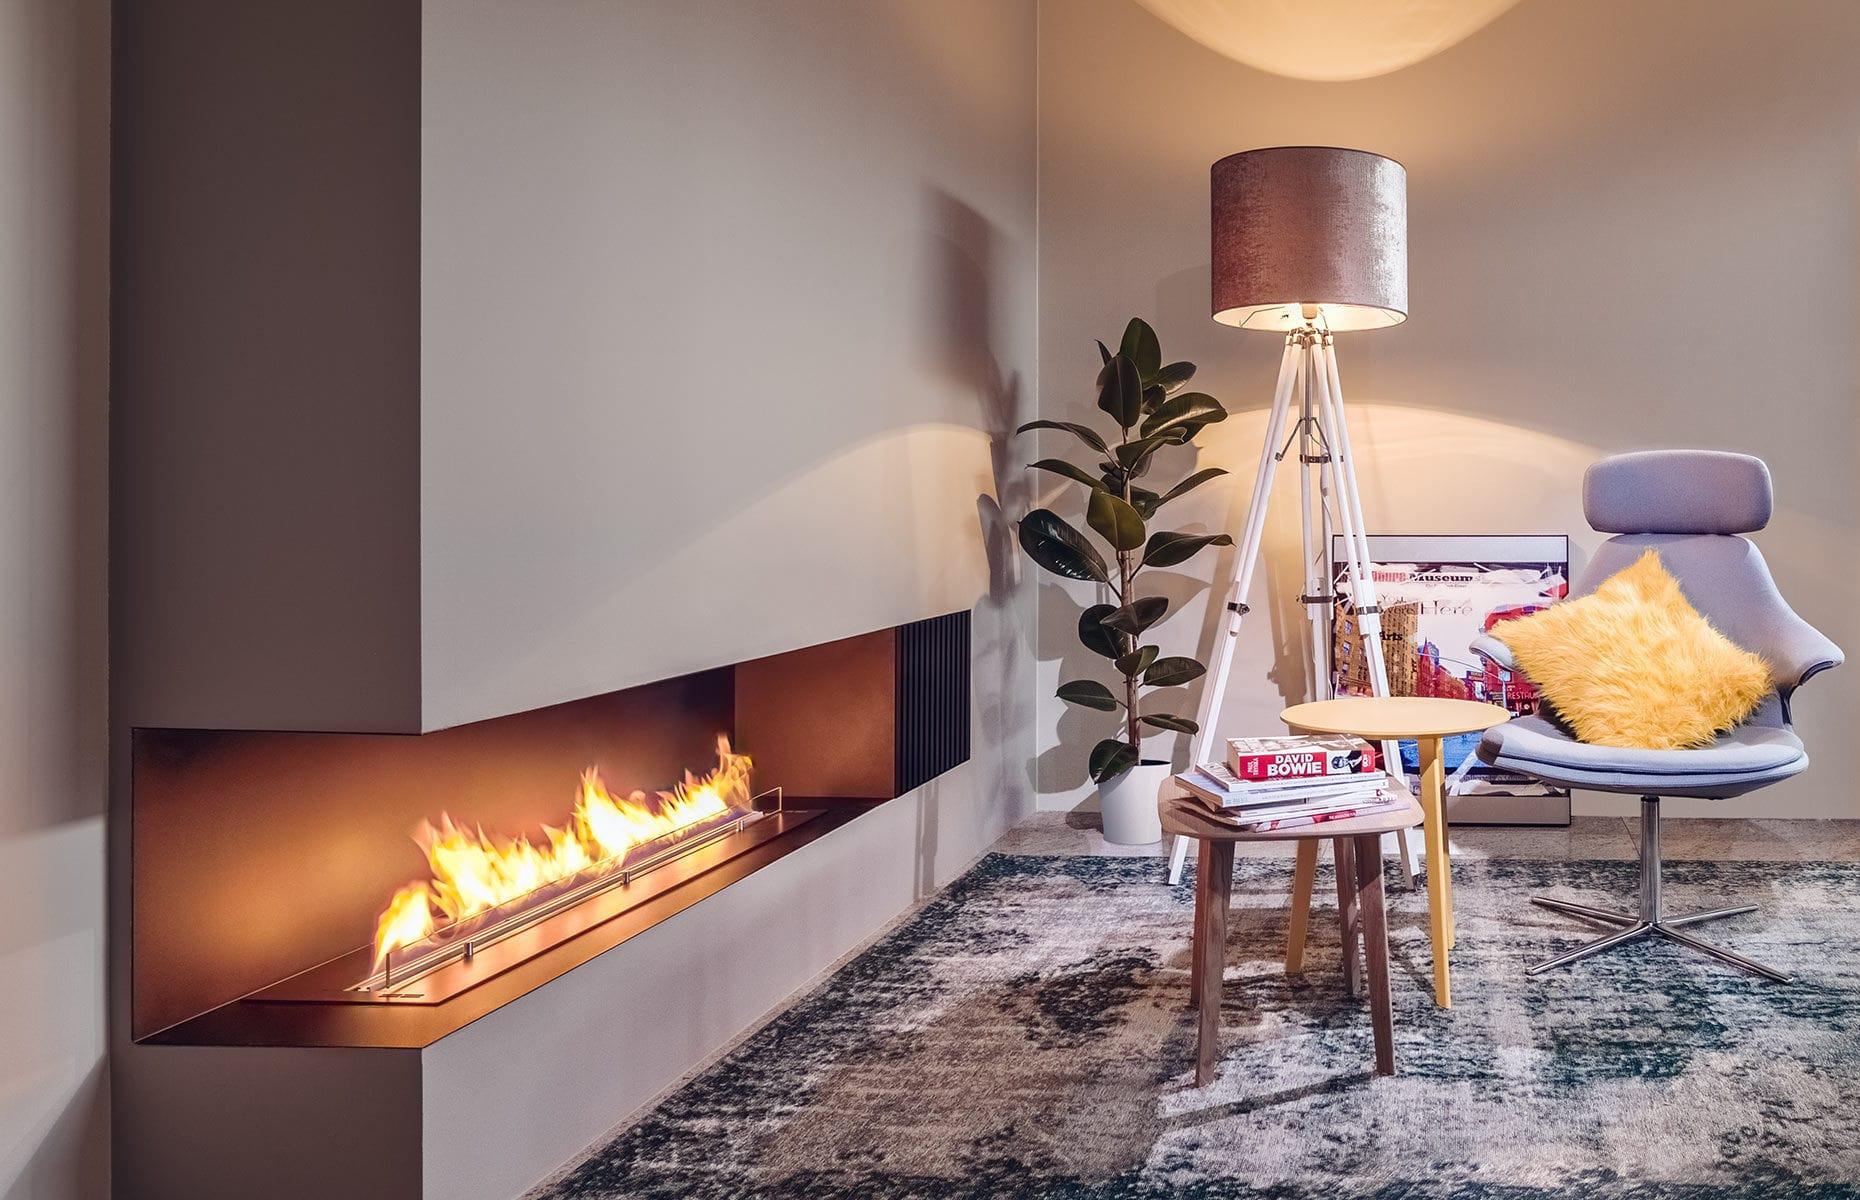 Chimeneas: una solución contra el frío que aporta diseño a tu hogar.